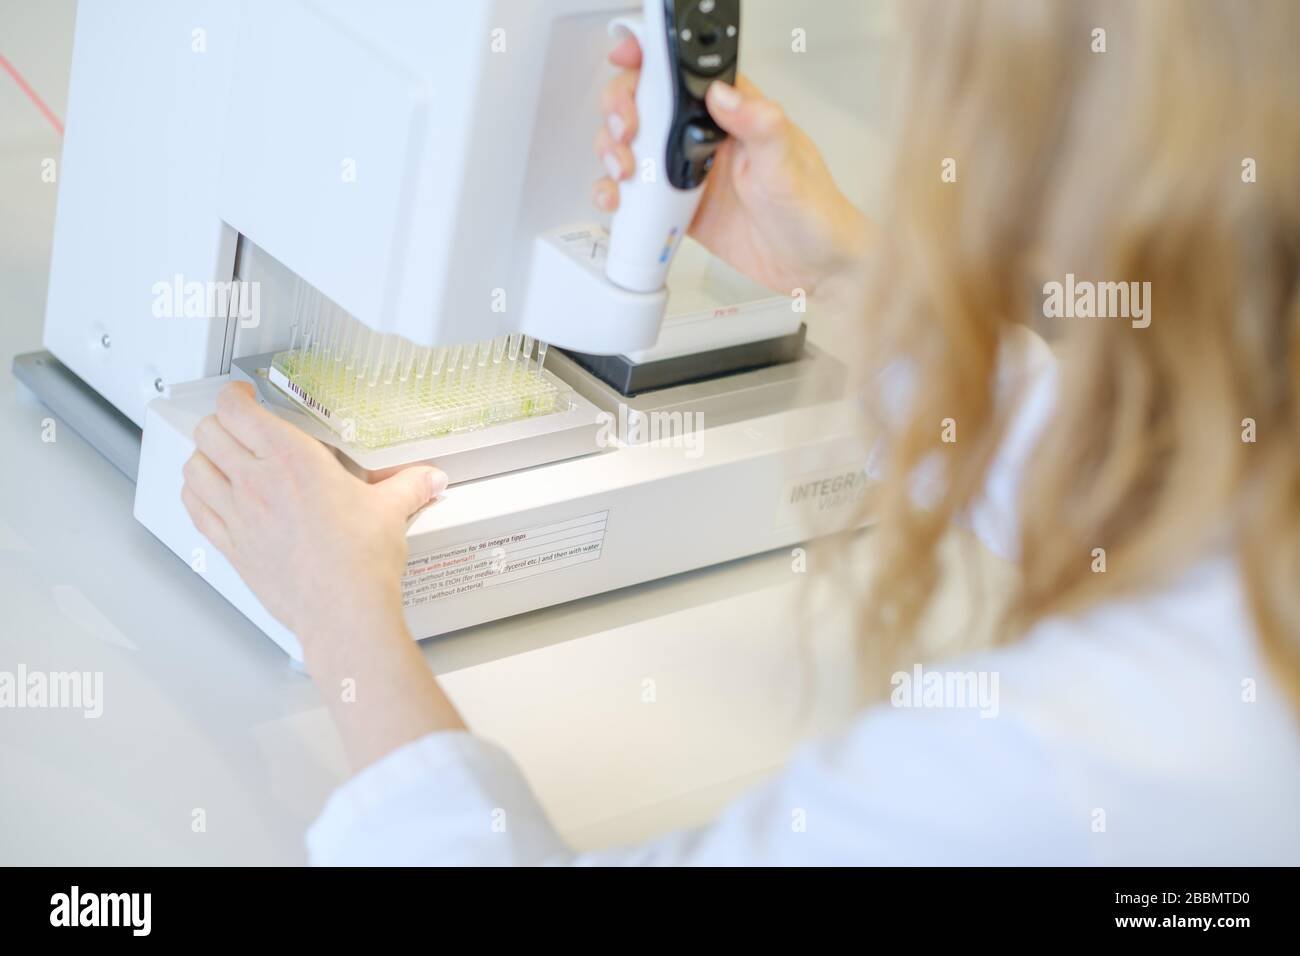 Brunswick, Alemania. 1 de abril de 2020. La científica Katharina Kleilein utiliza una reacción de color en el laboratorio de la empresa de ciencias biológicas Yumab para comprobar si los anticuerpos de una placa Elisa se han ligado a un antígeno. La empresa de puesta en marcha realiza investigaciones sobre el desarrollo de anticuerpos humanos y, por lo tanto, está tratando de desarrollar fármacos contra Covid-19. Crédito: OLE Spata/dpa/Alamy Live News Foto de stock